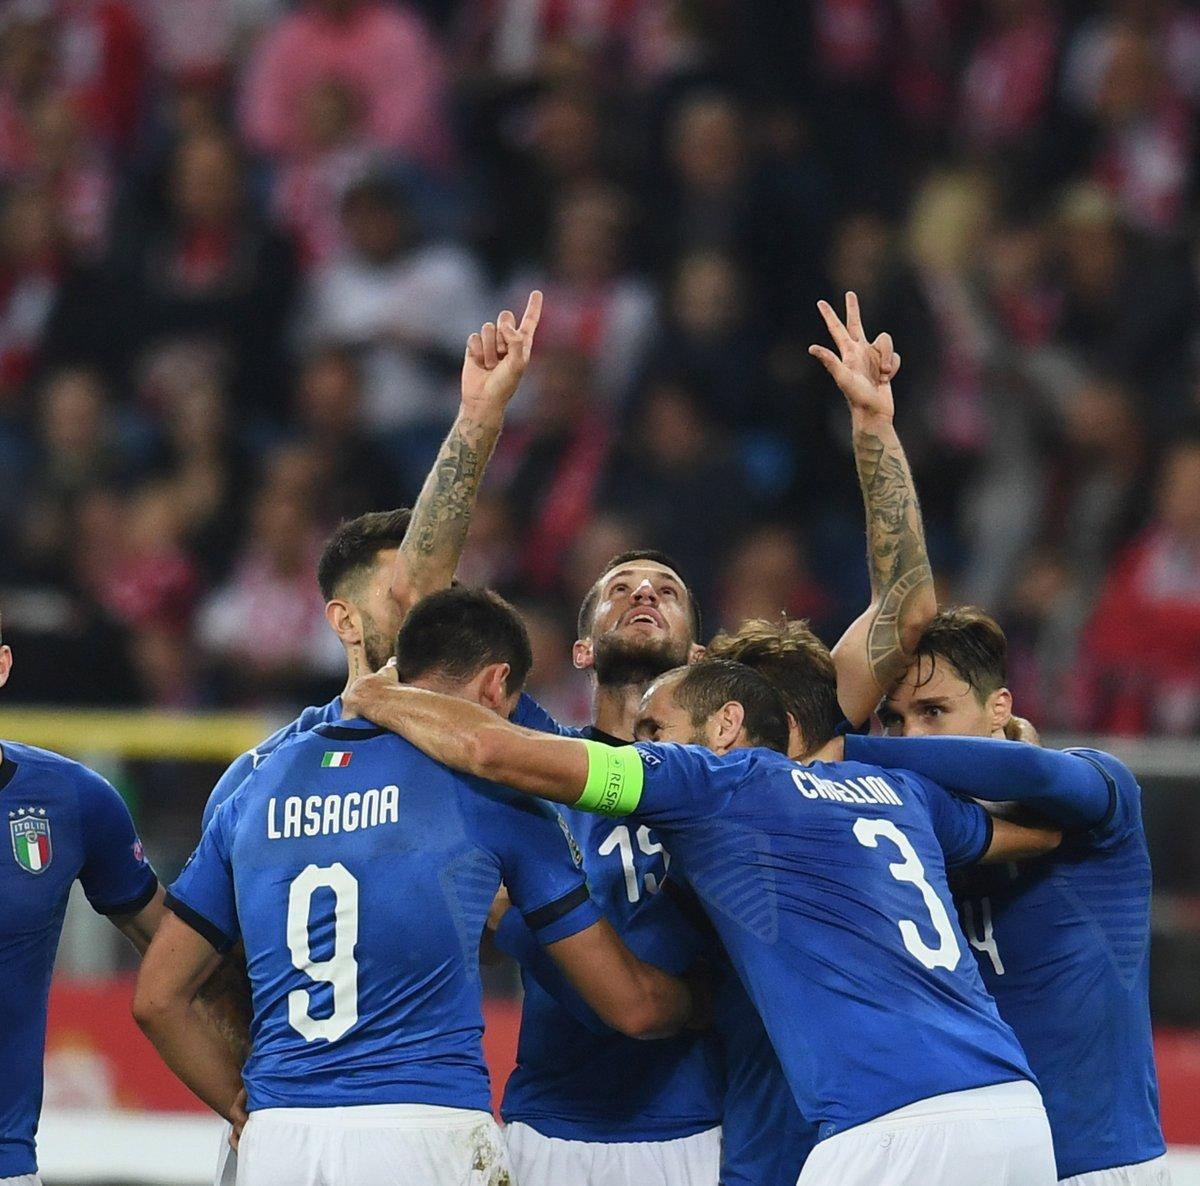 Nazionale Italiana - Le pagelle: tutti promossi nella sfida contro la Polonia